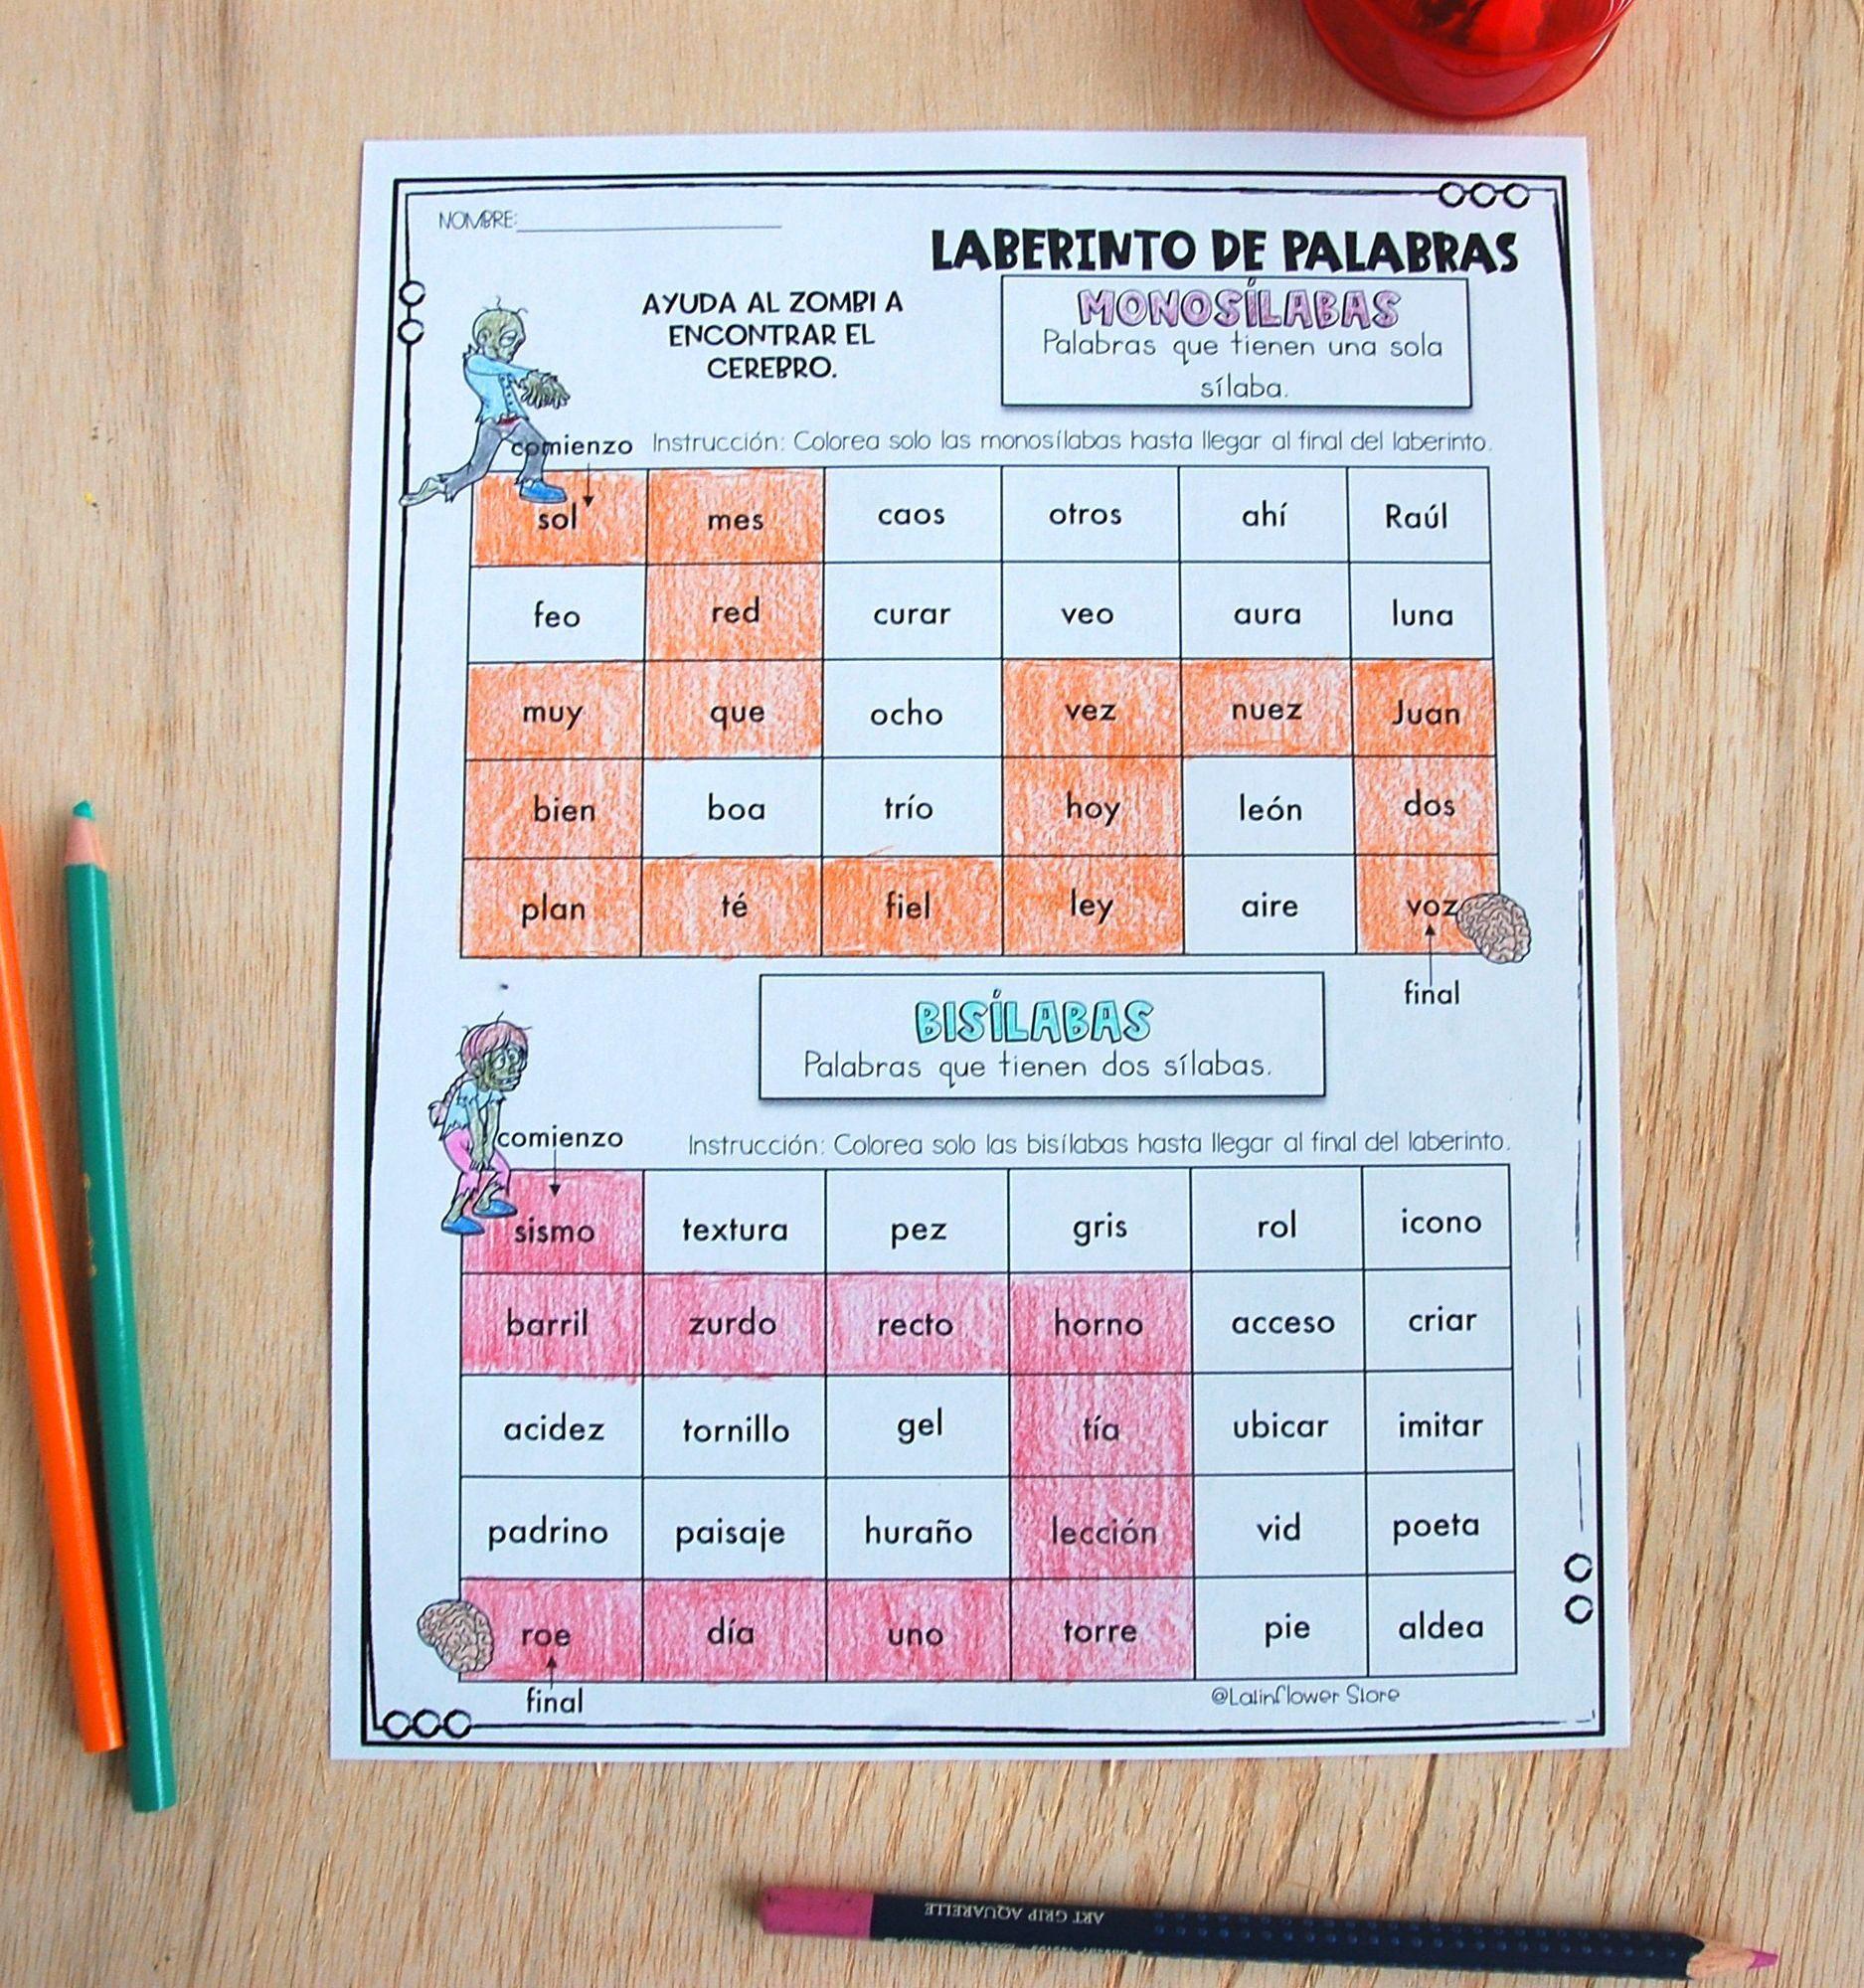 Ejercicio De Práctica División Silábica Laberintodepalabras Monosílabas Divertido Práctica Sílabas Divisiónsilábica Learning Spanish Learning Writing